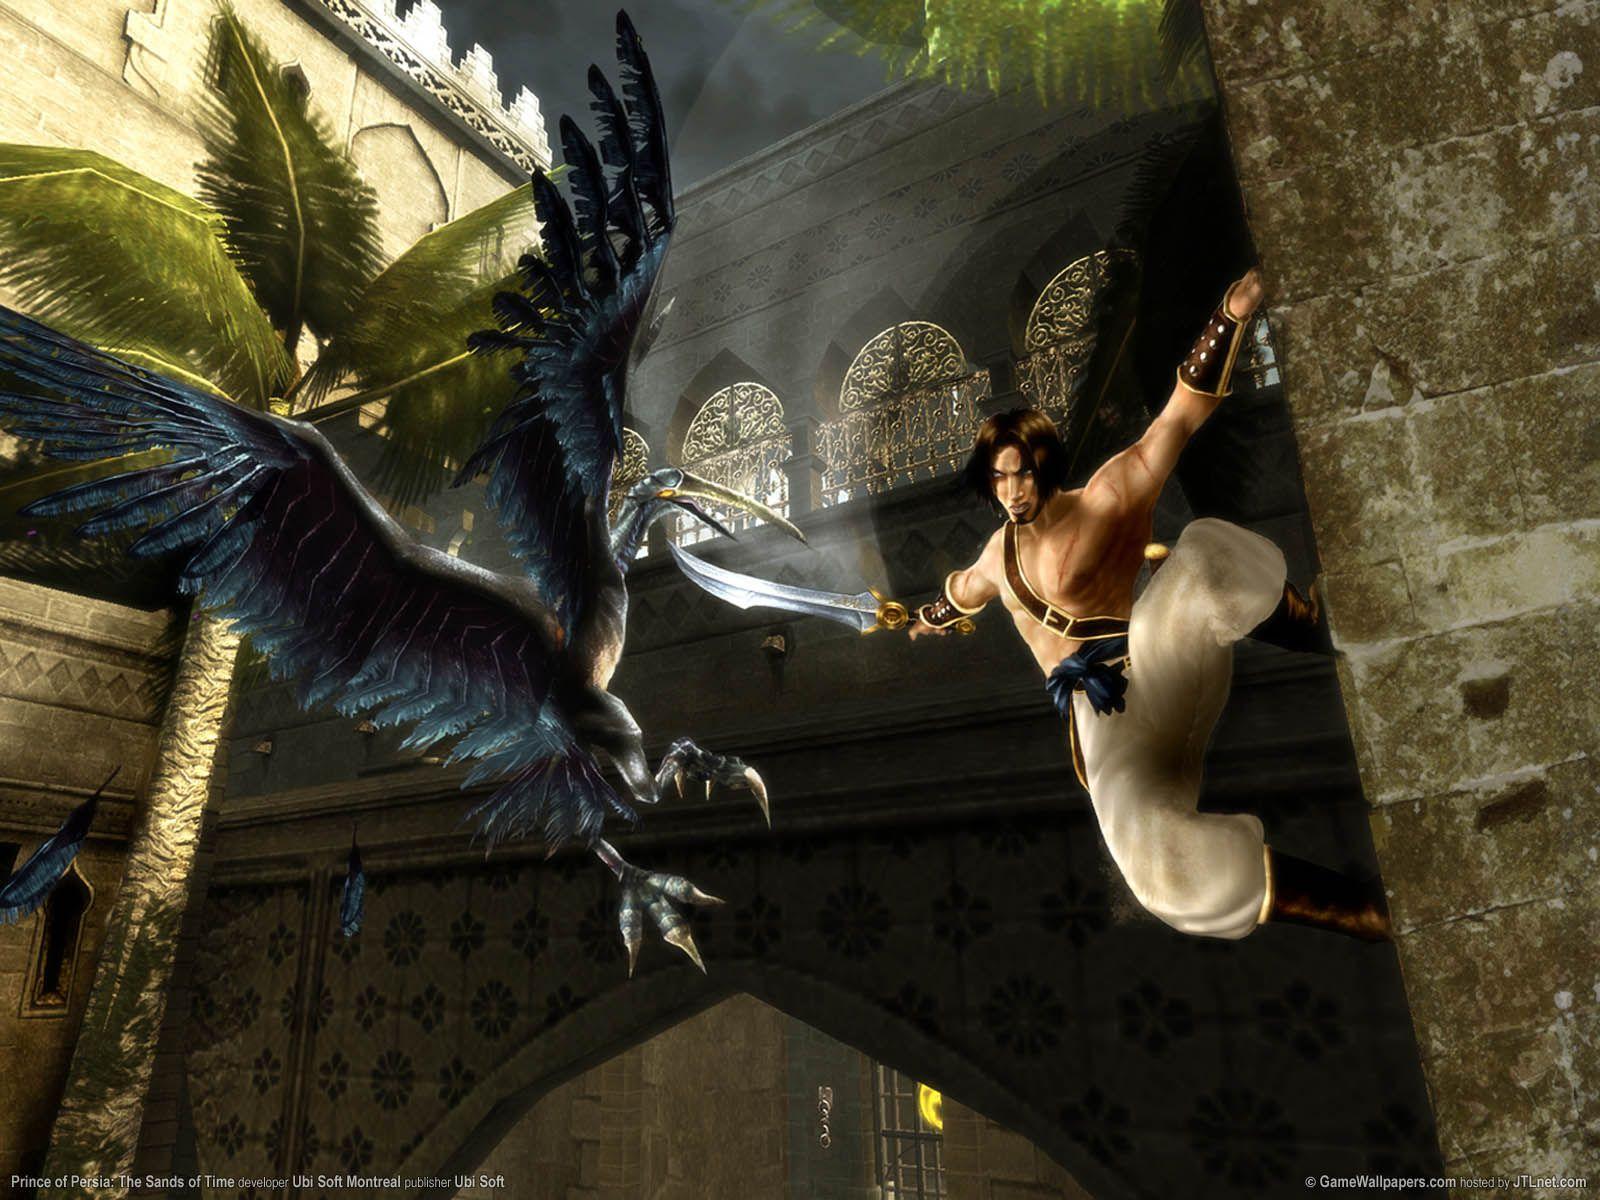 Great Wallpaper Movie Prince Persia - 54b7e39f3c1ad29f3db04f06eb332239  Collection_28058.jpg